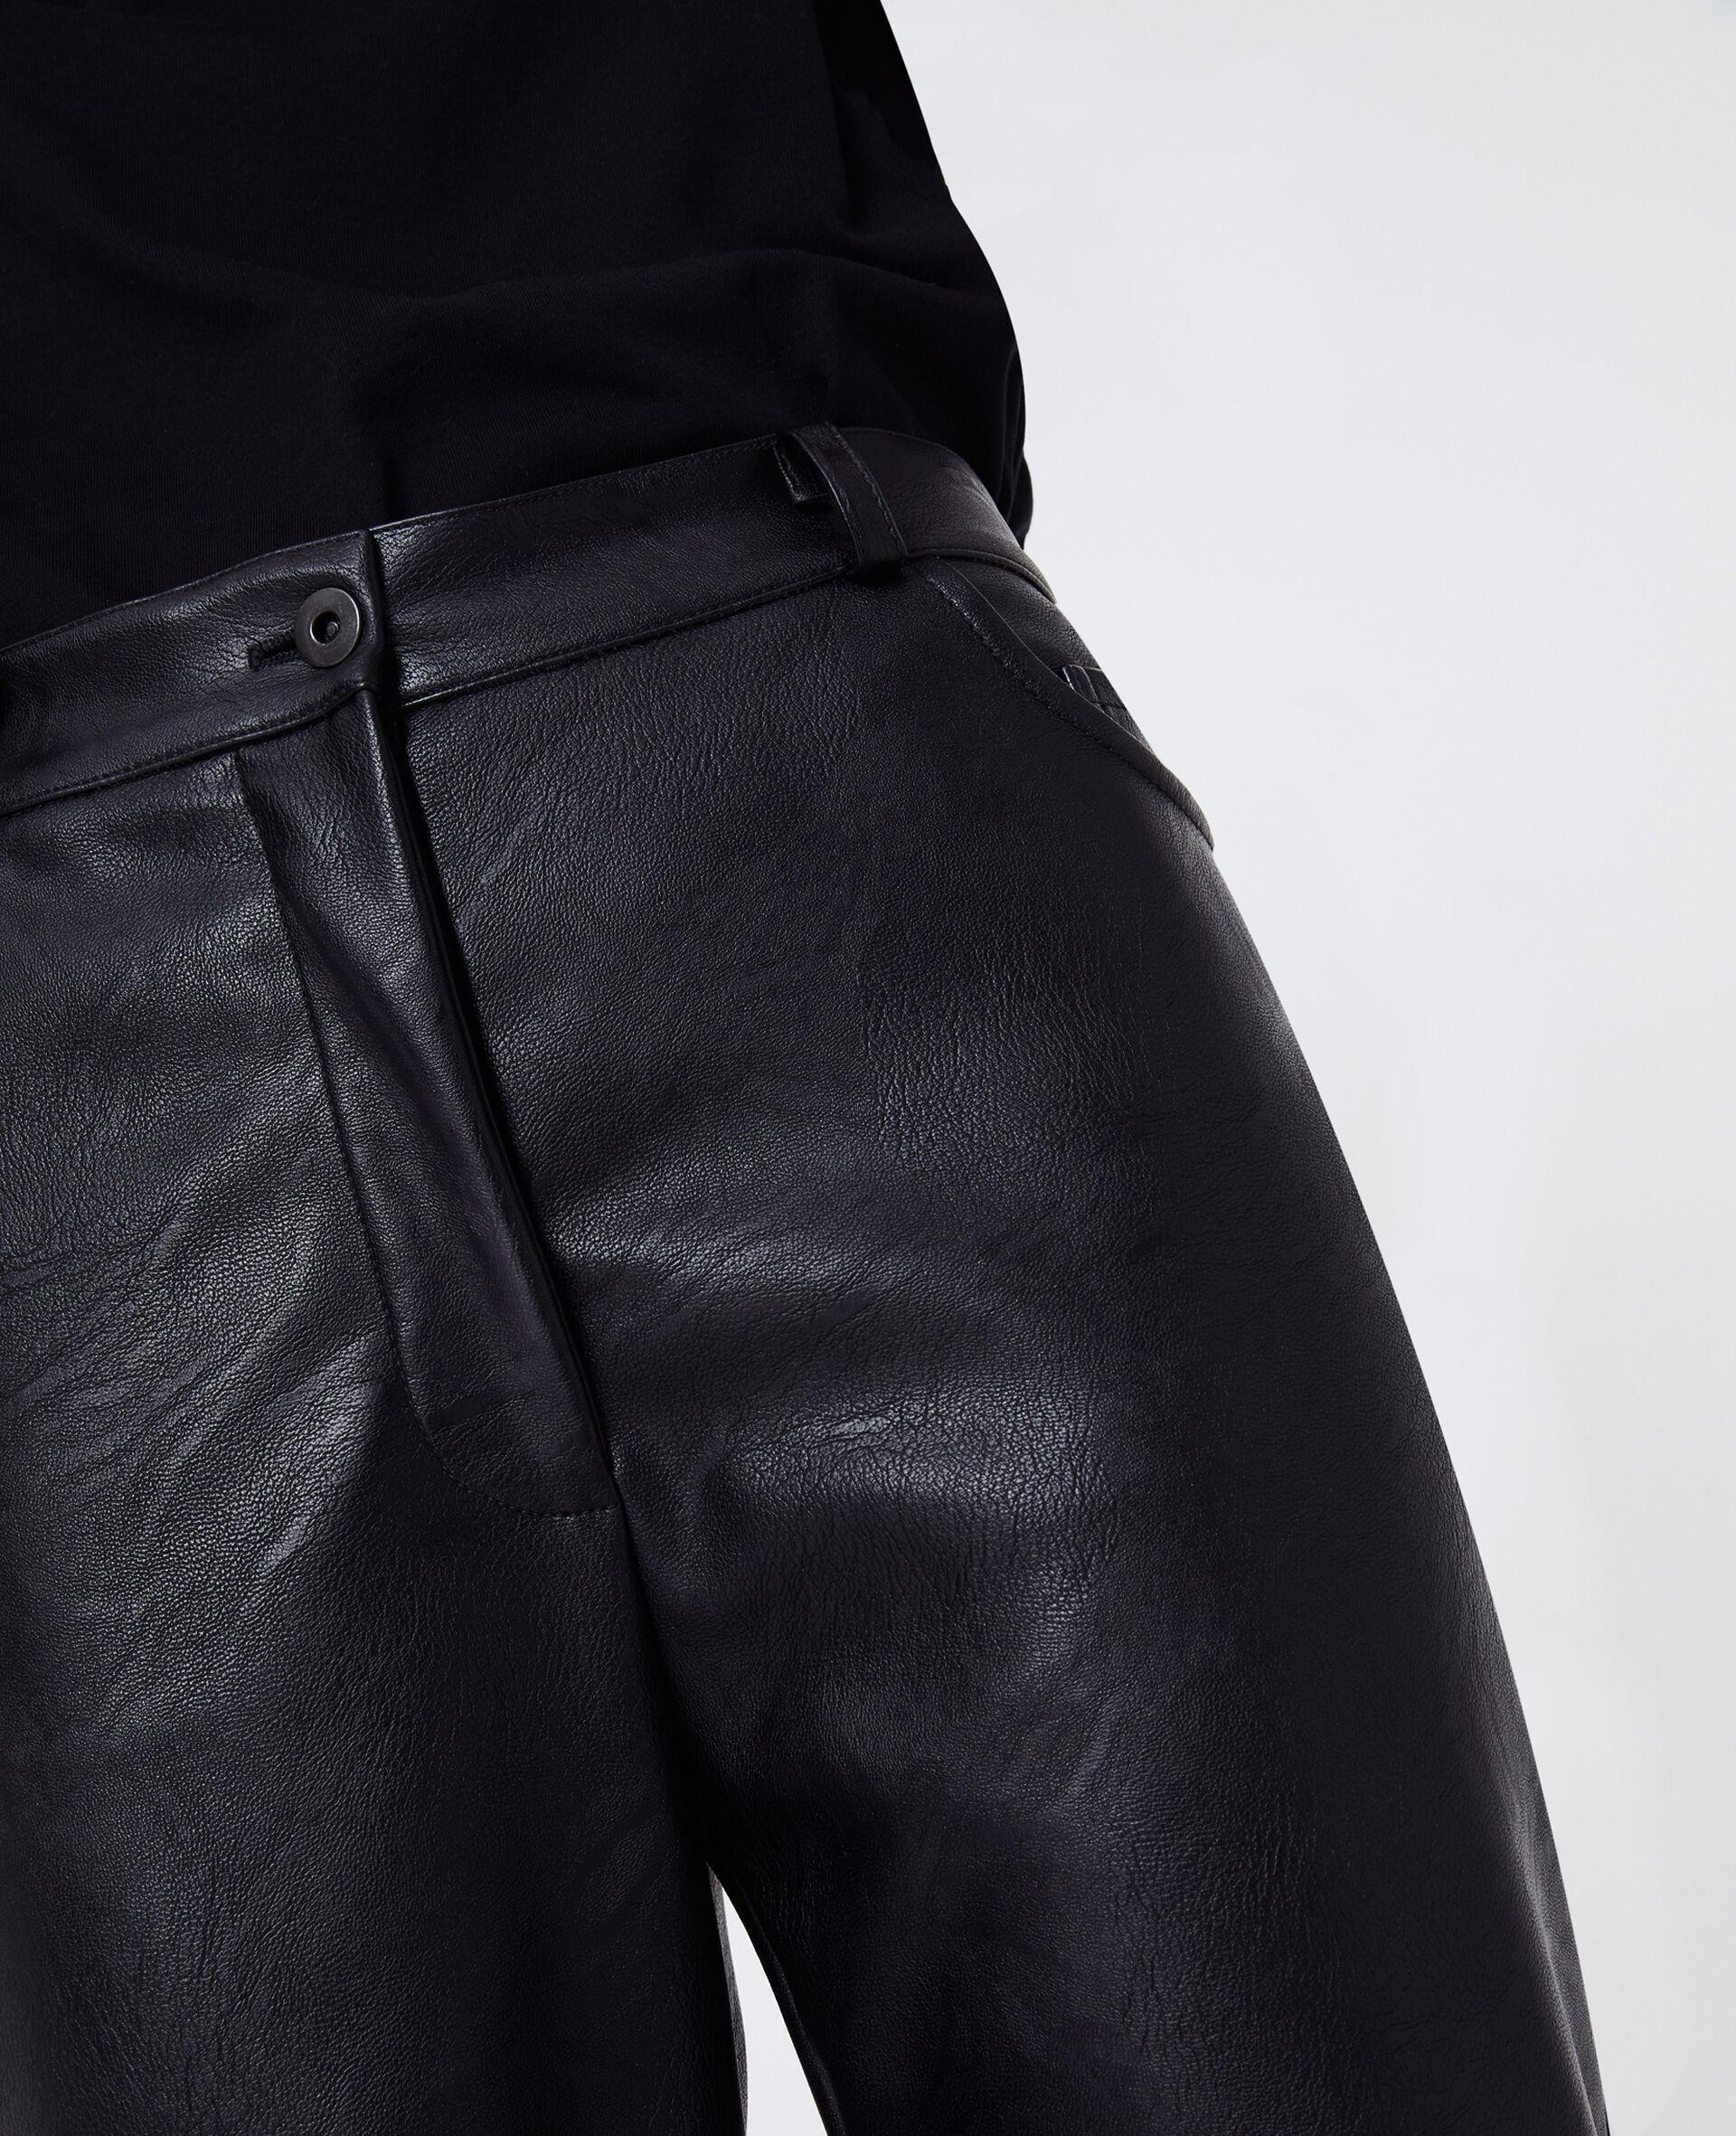 Pantalon Hailey -Marron-large image number 3